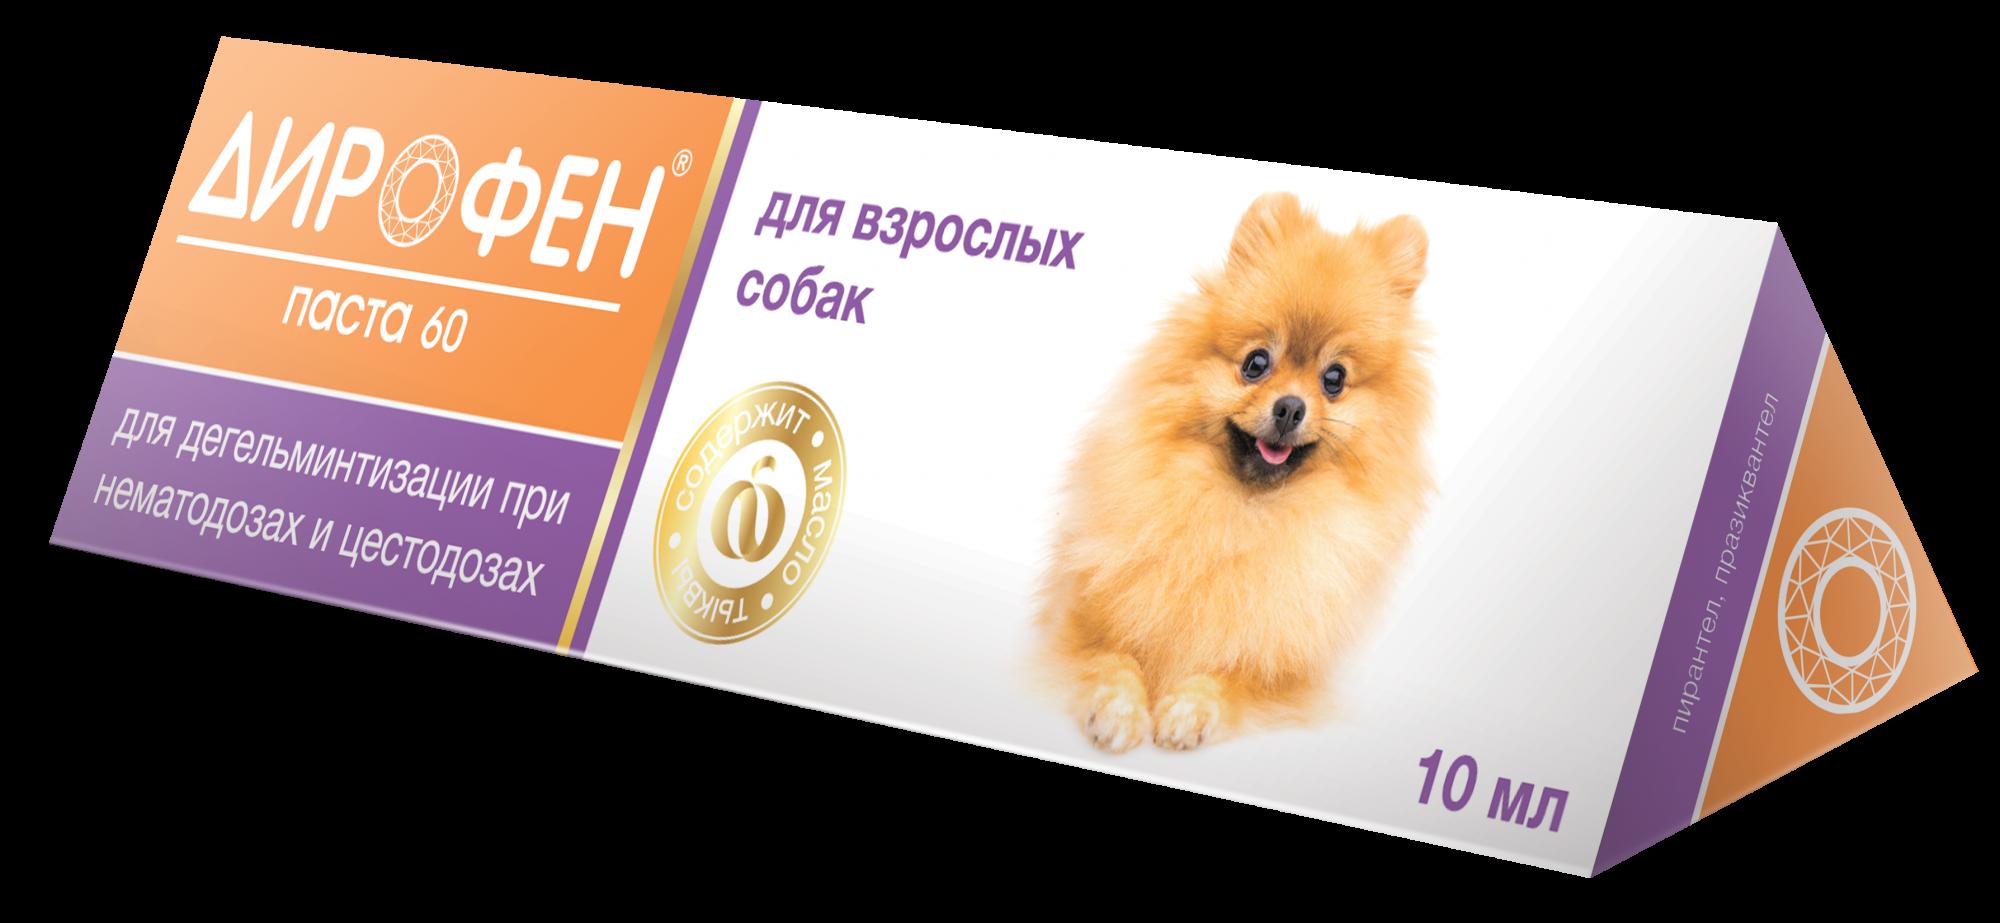 Дирофен Паста для собак